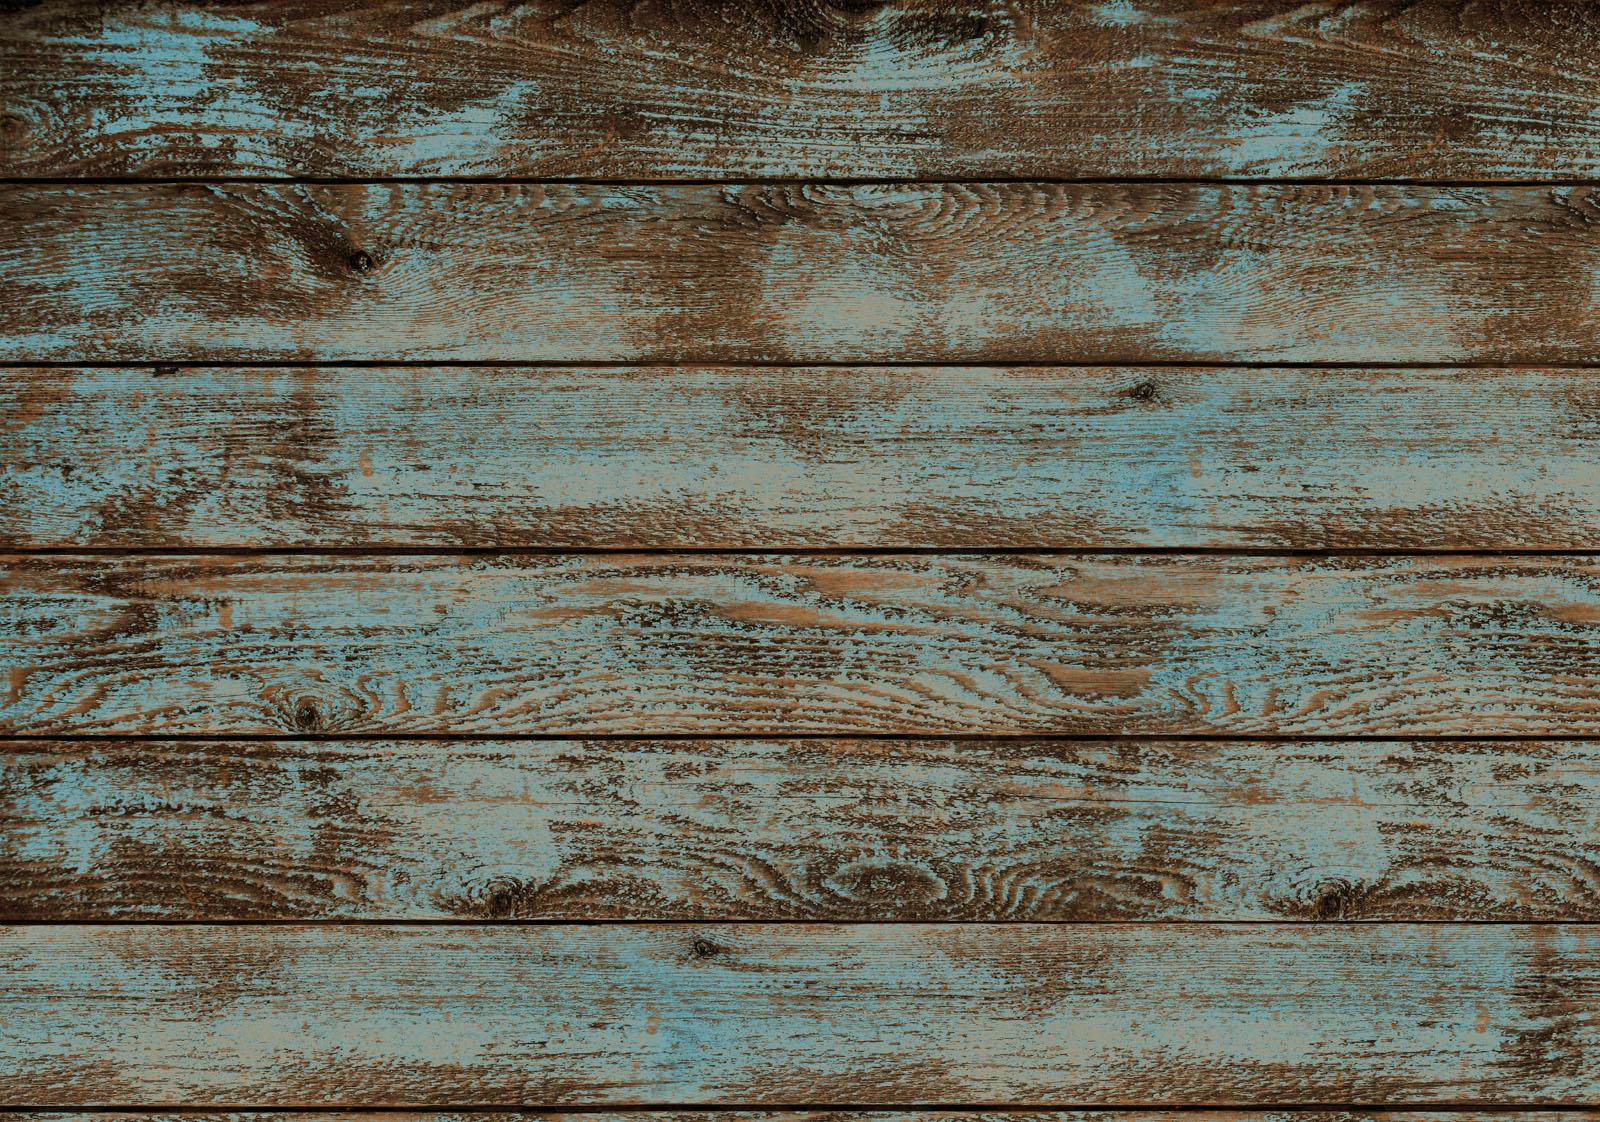 Barn Wood Desktop Wallpaper - WallpaperSafari